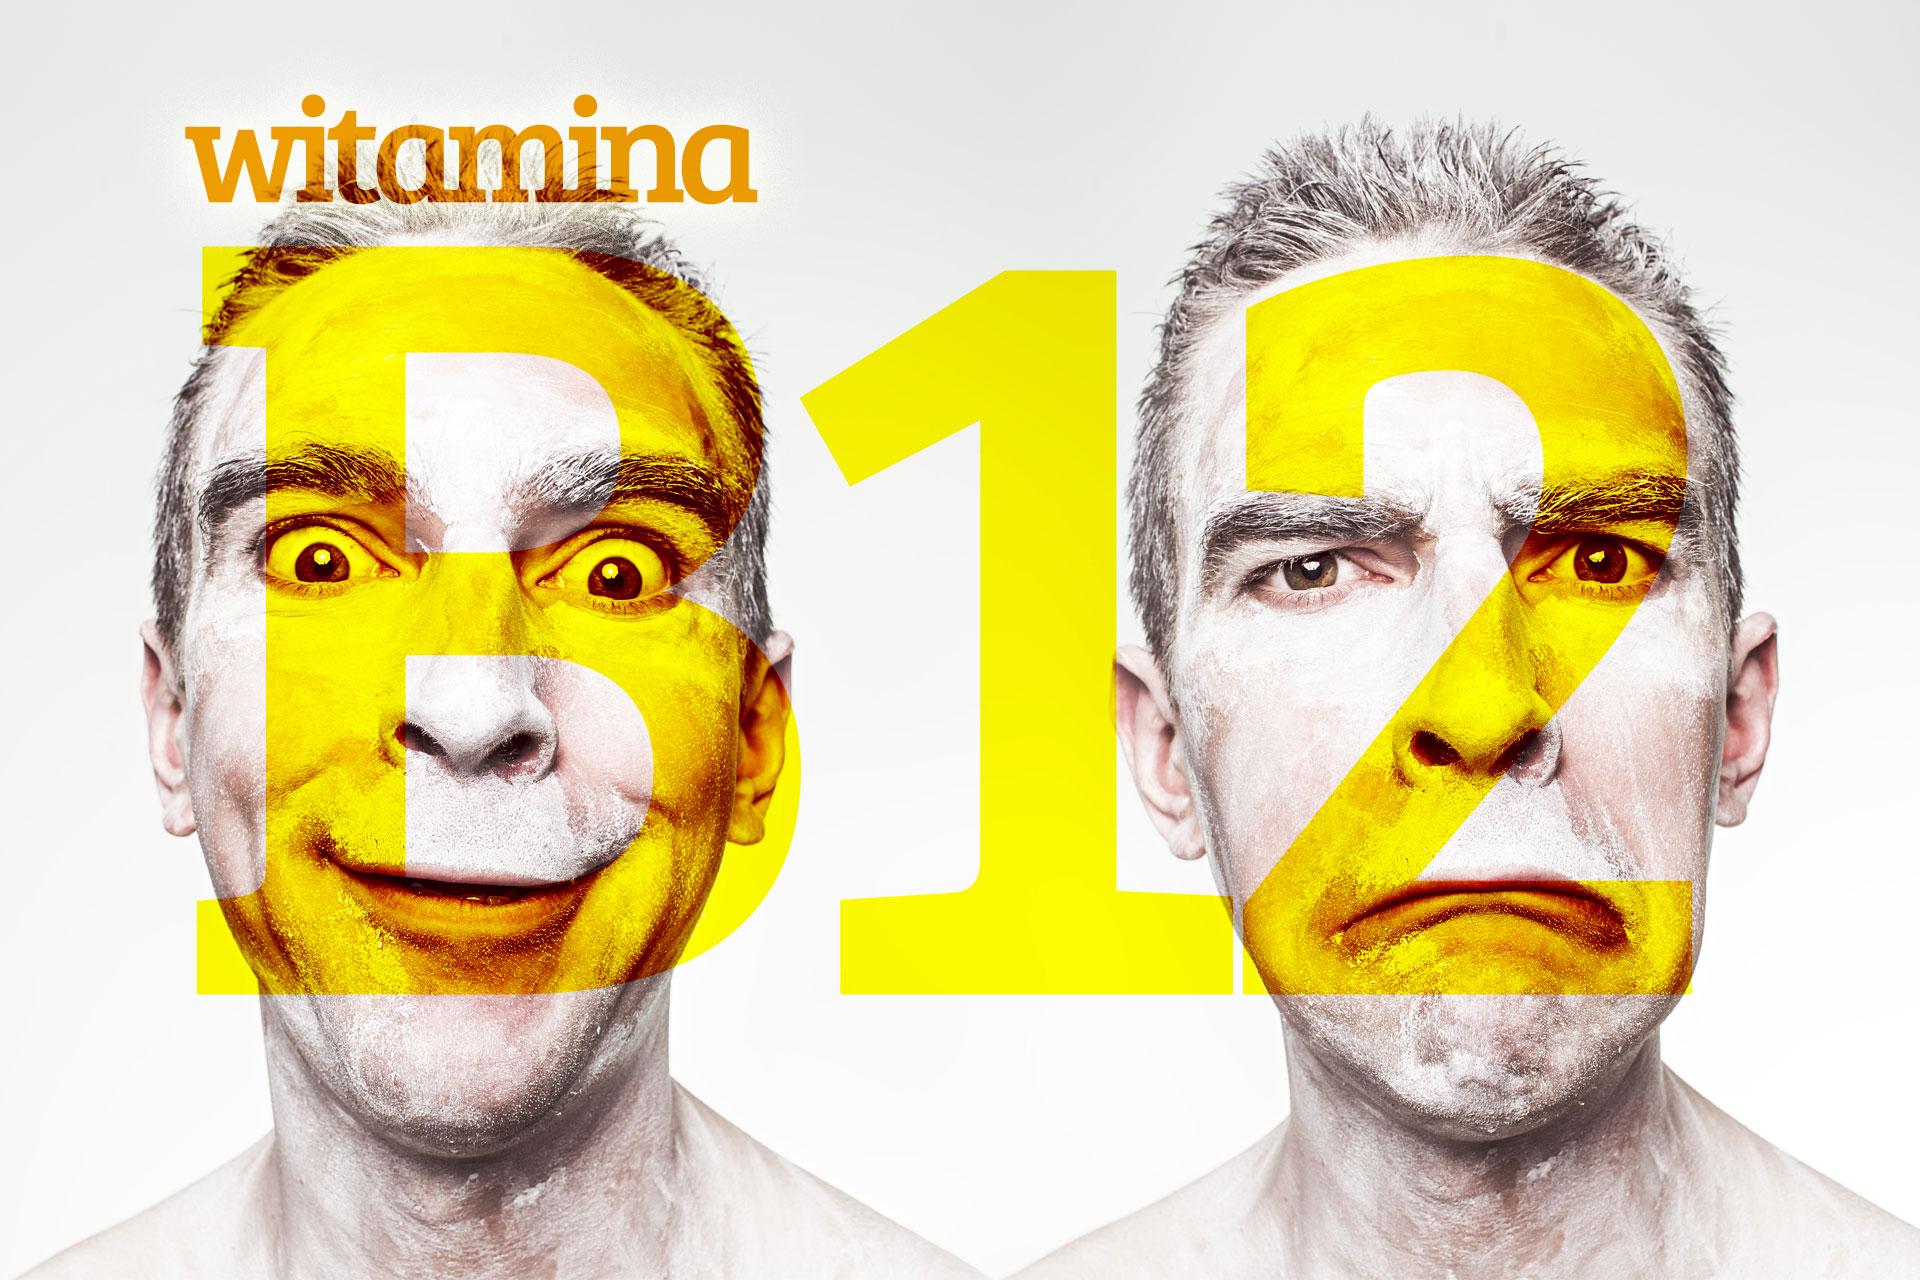 Cudowna witamina B12